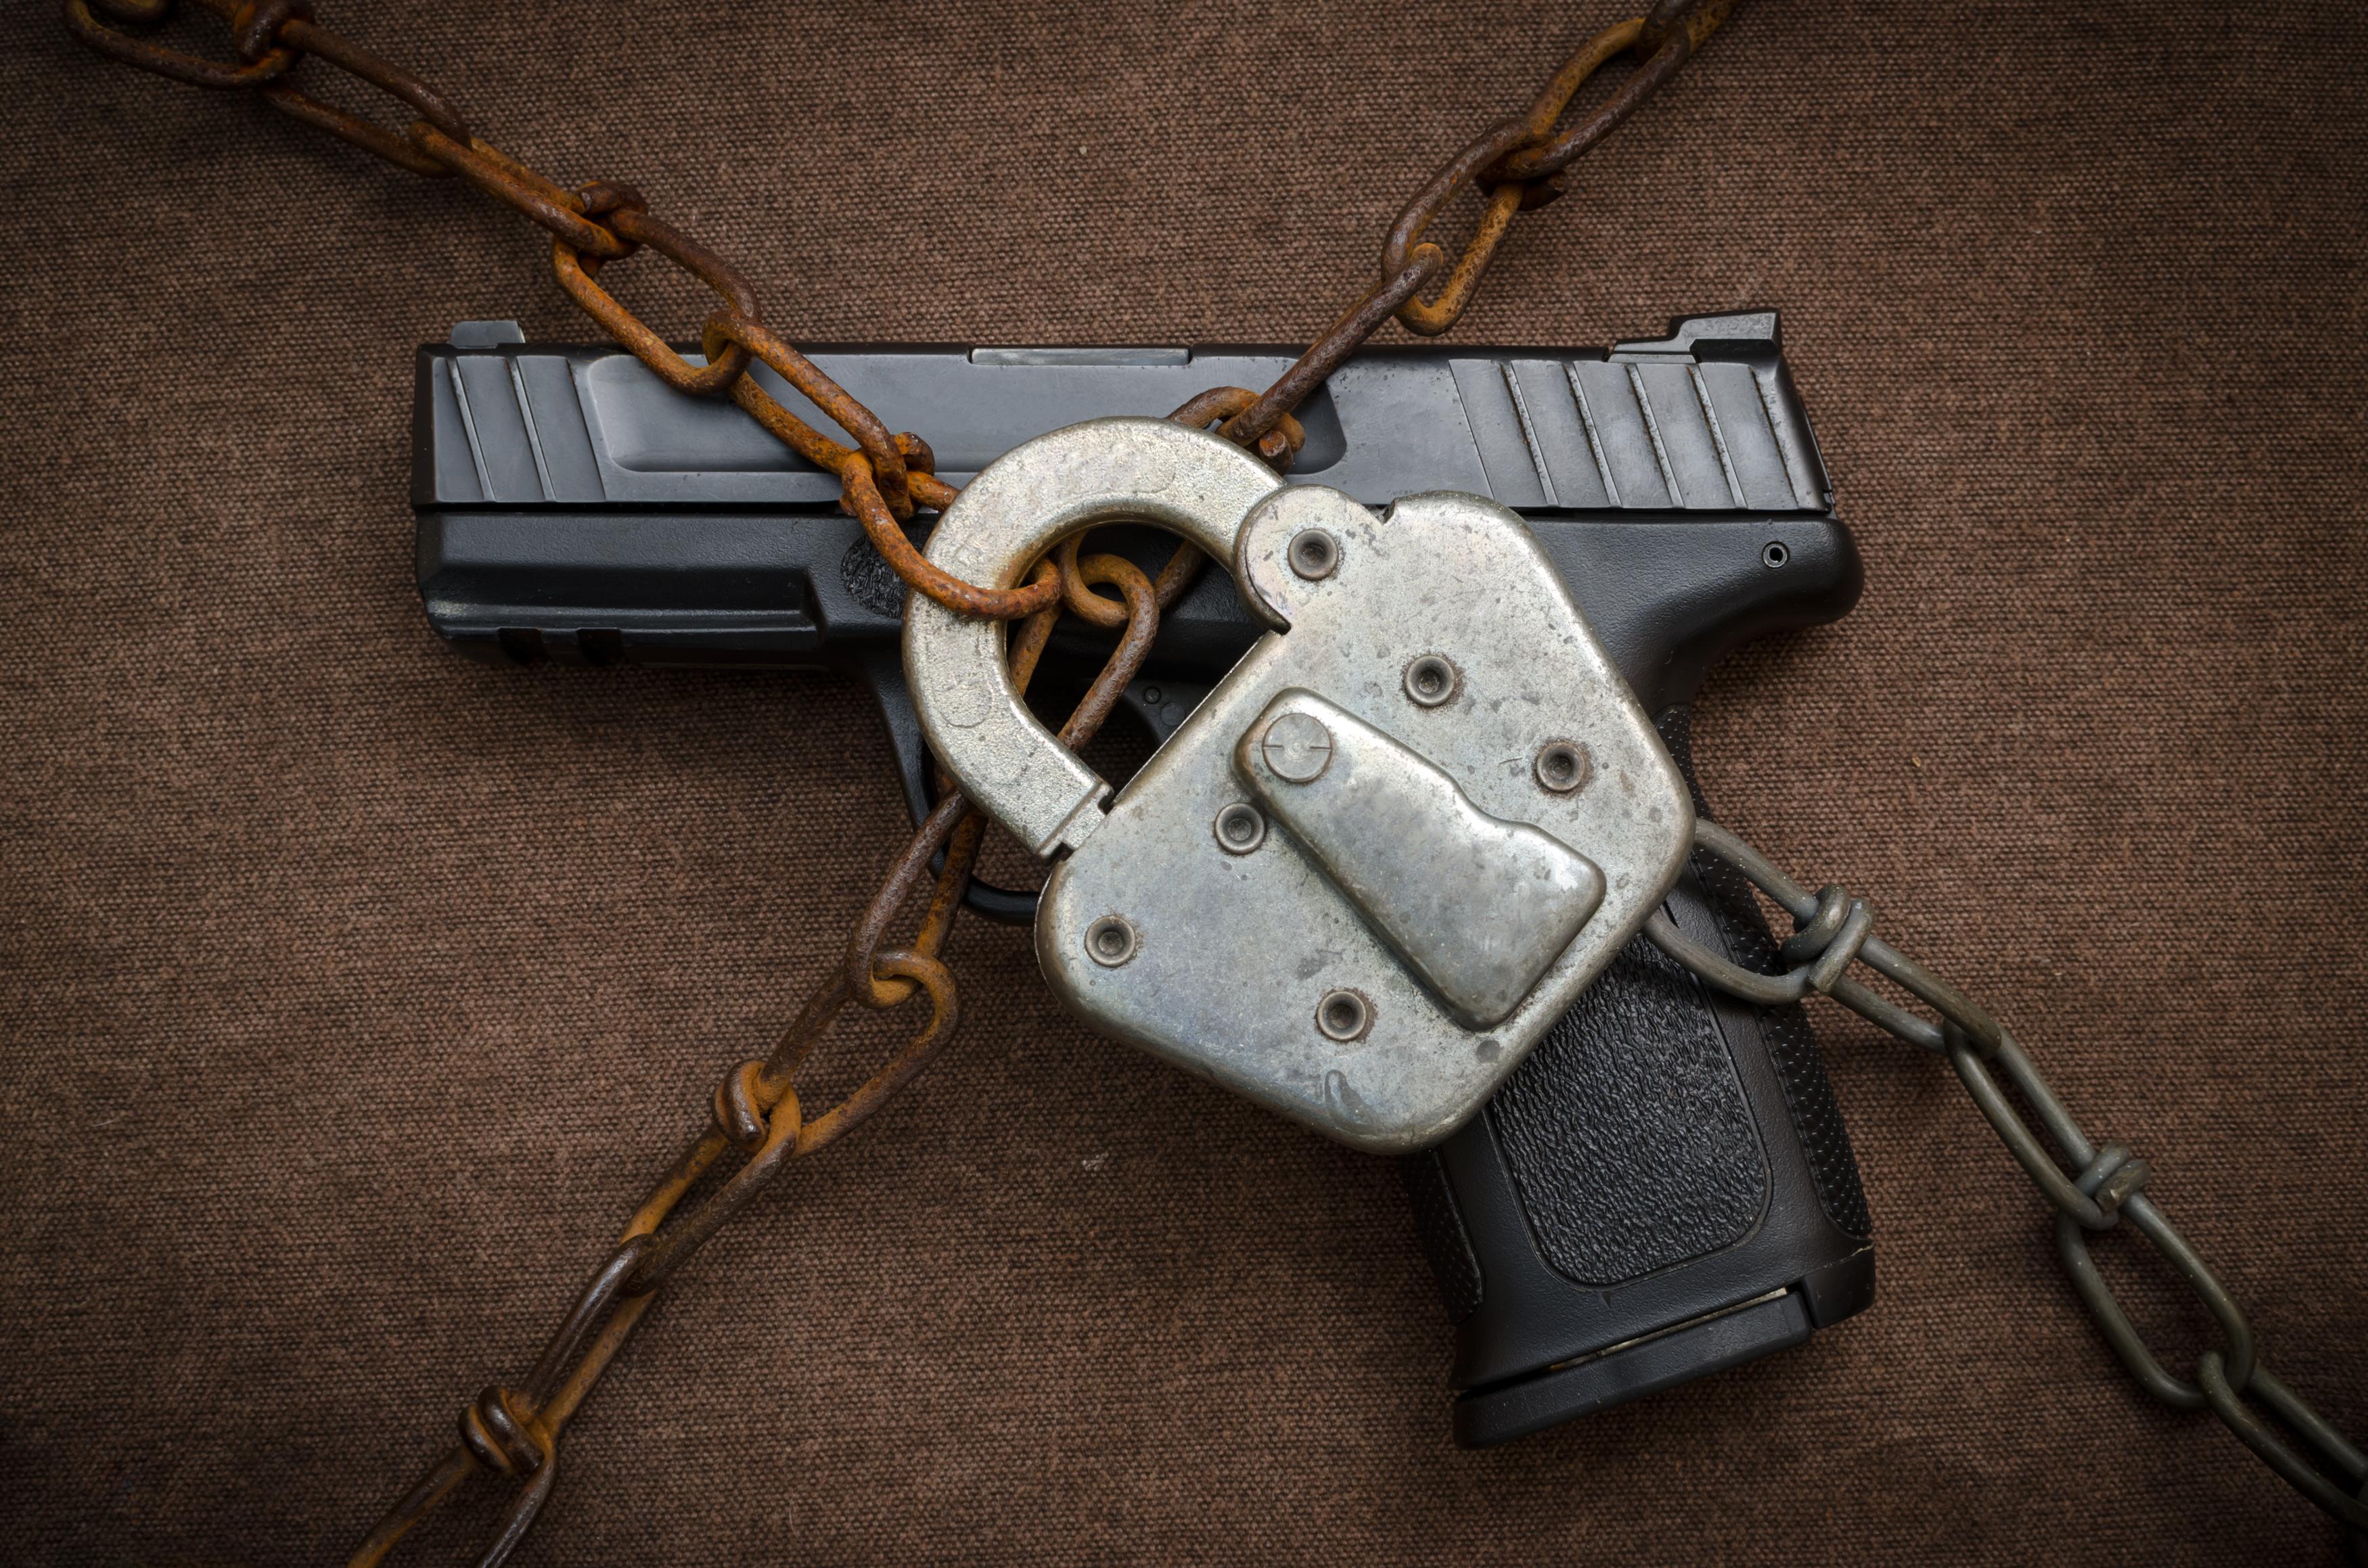 Handgun under chain and padlock